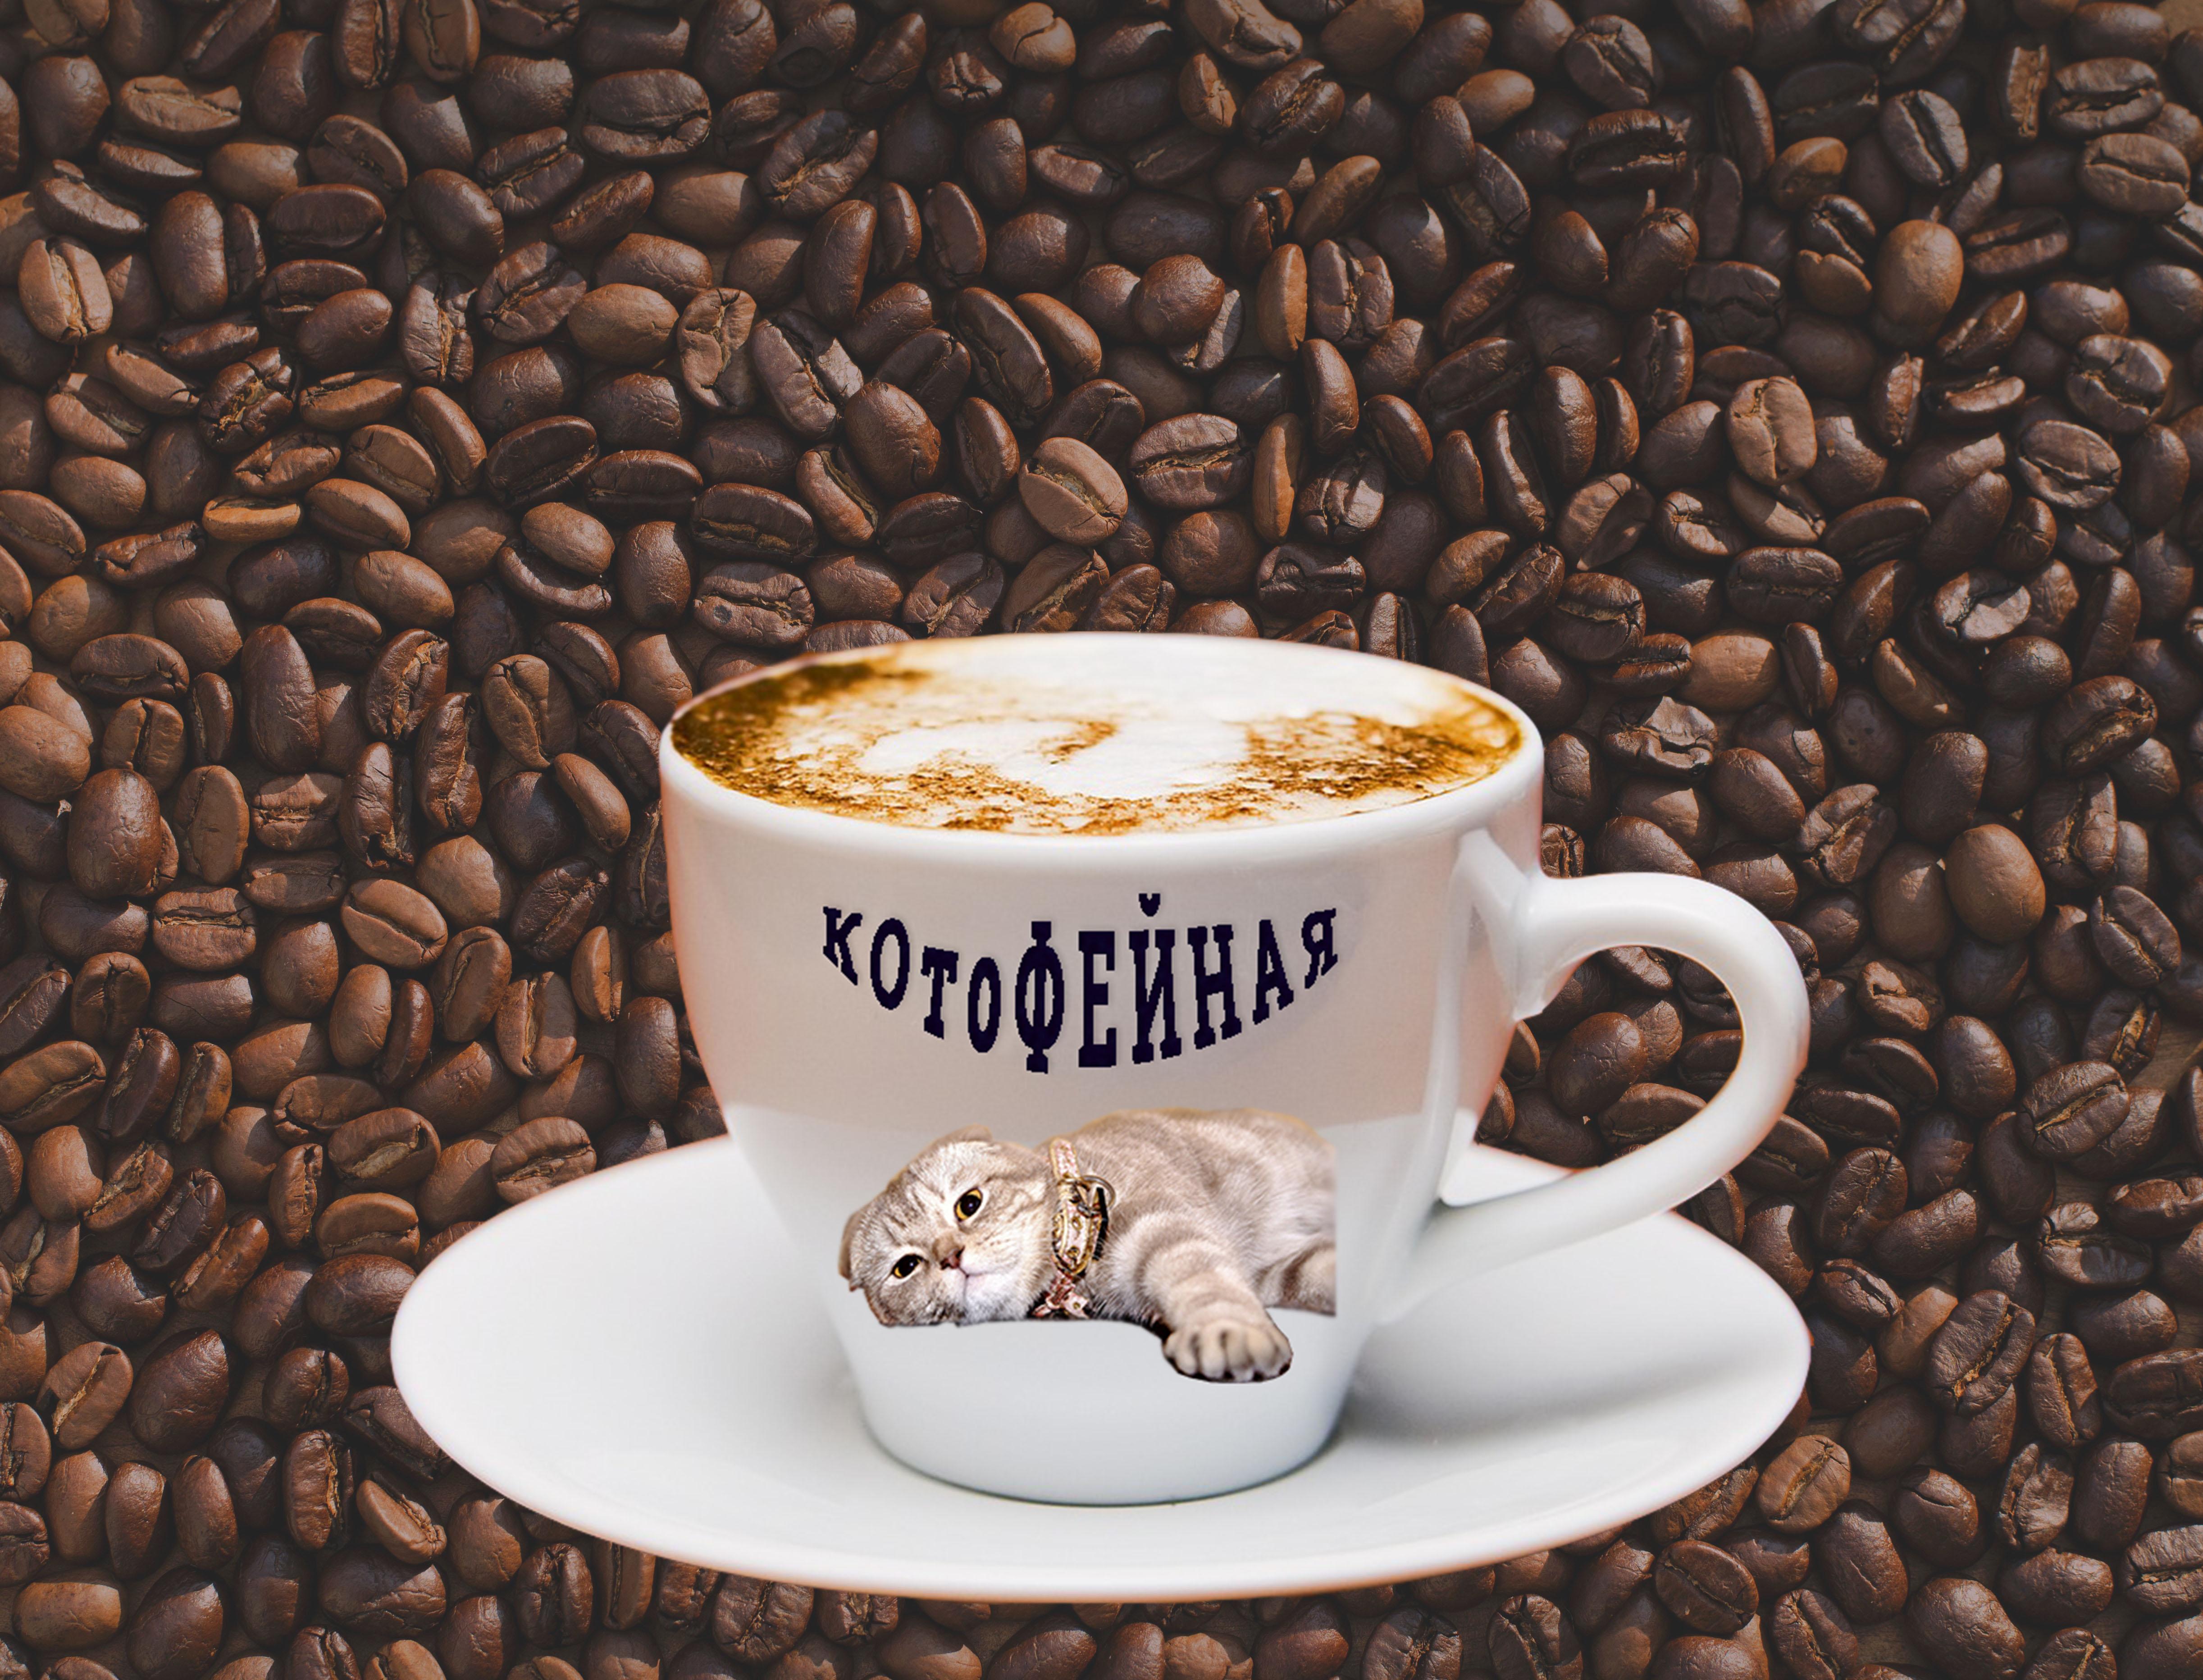 Название, цвета, логотип и дизайн оформления для сети кофеен фото f_6475b9aa5dc5c6f4.jpg